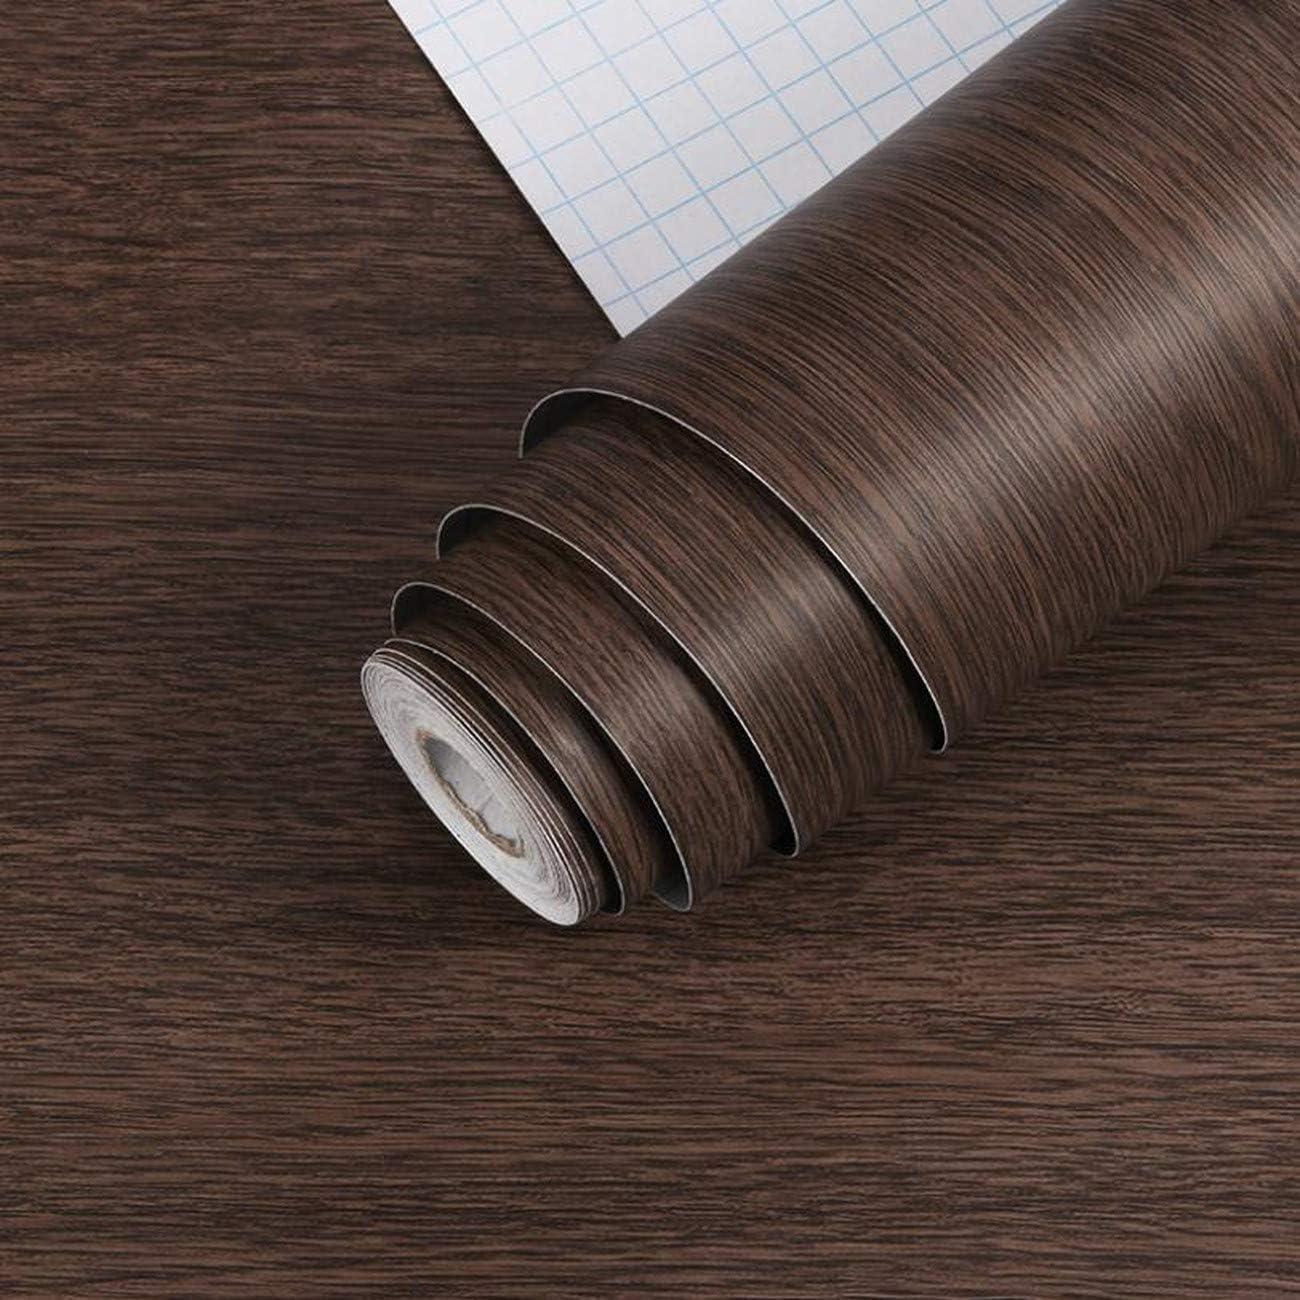 Amazon Benque 壁紙シール 木目調 ブラウン 3d Diy リメイクシート はがせる 45cm 10m ダークブラウン 壁紙